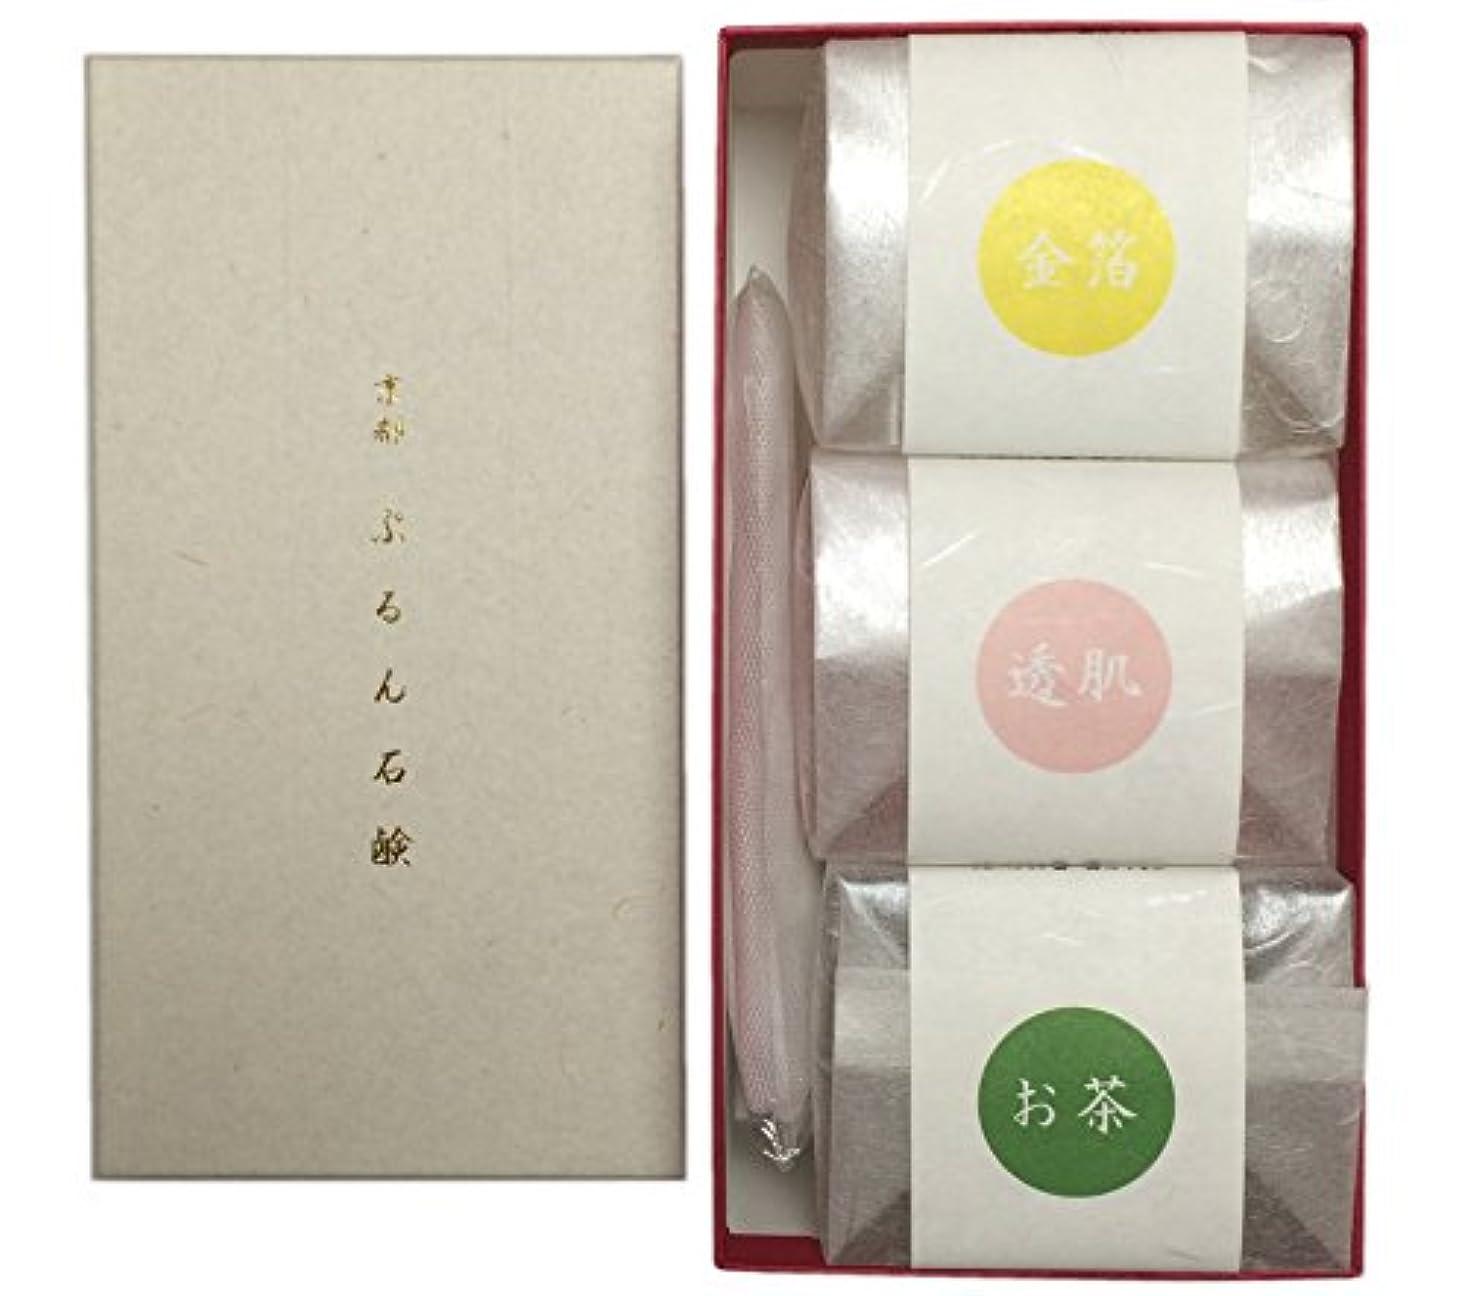 緊張するスクラッチ実行可能京都 ぷるん石鹸 ピュアソープ ヒアルロン酸 コラーゲン ギフトボックス 3種3個セット